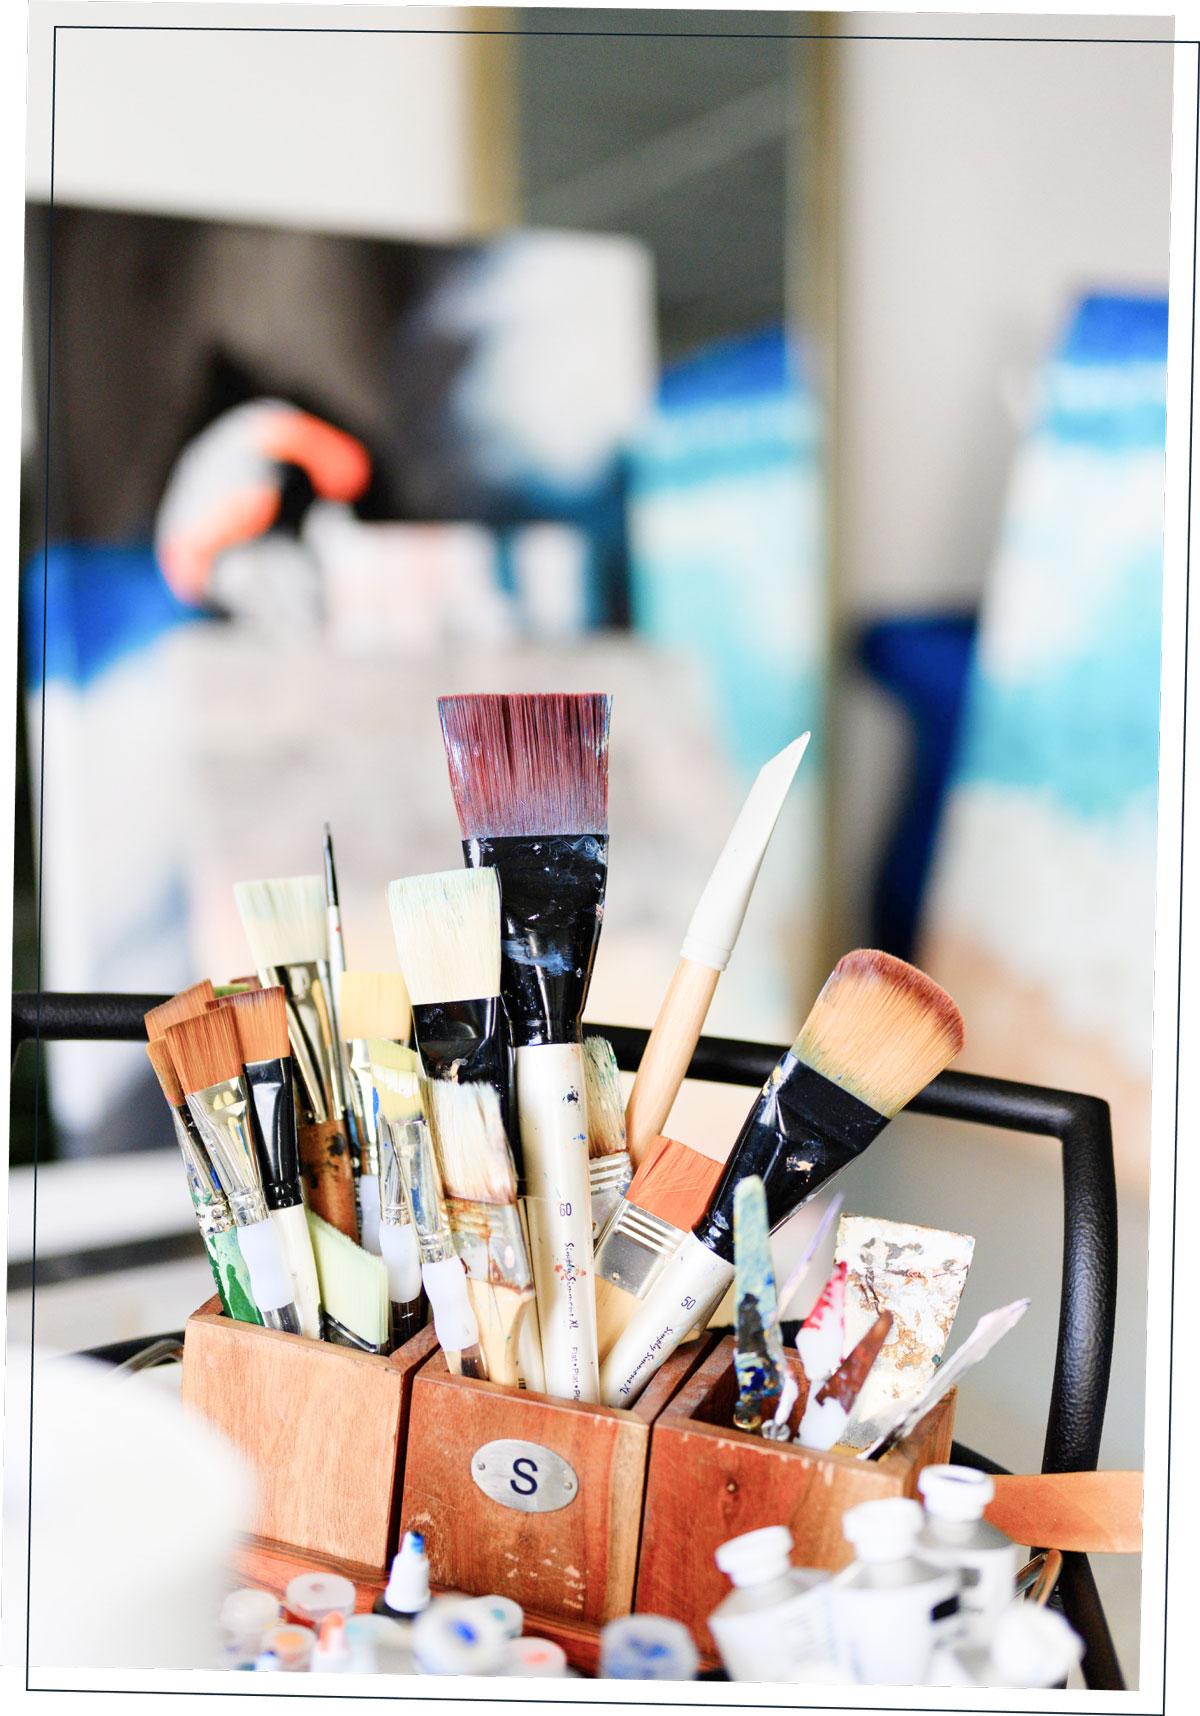 Shaina Hardie Art - Tools